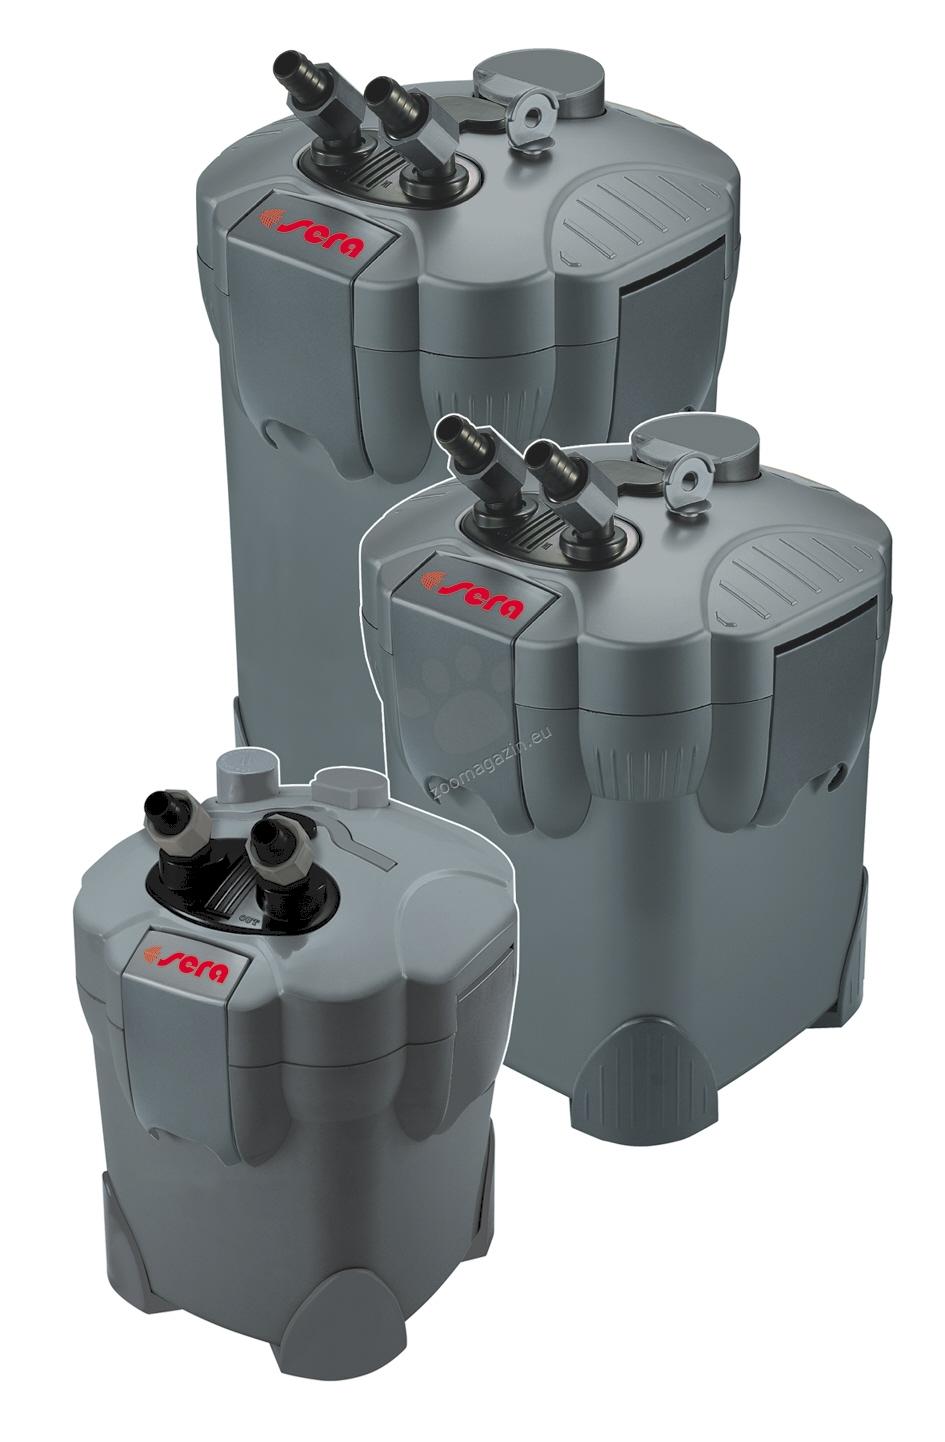 Sera - Fil Bioactive 250 + UV - външен филтър с интегрираната UV-C система, 750 л/ч. за аквариуми до 250 л.